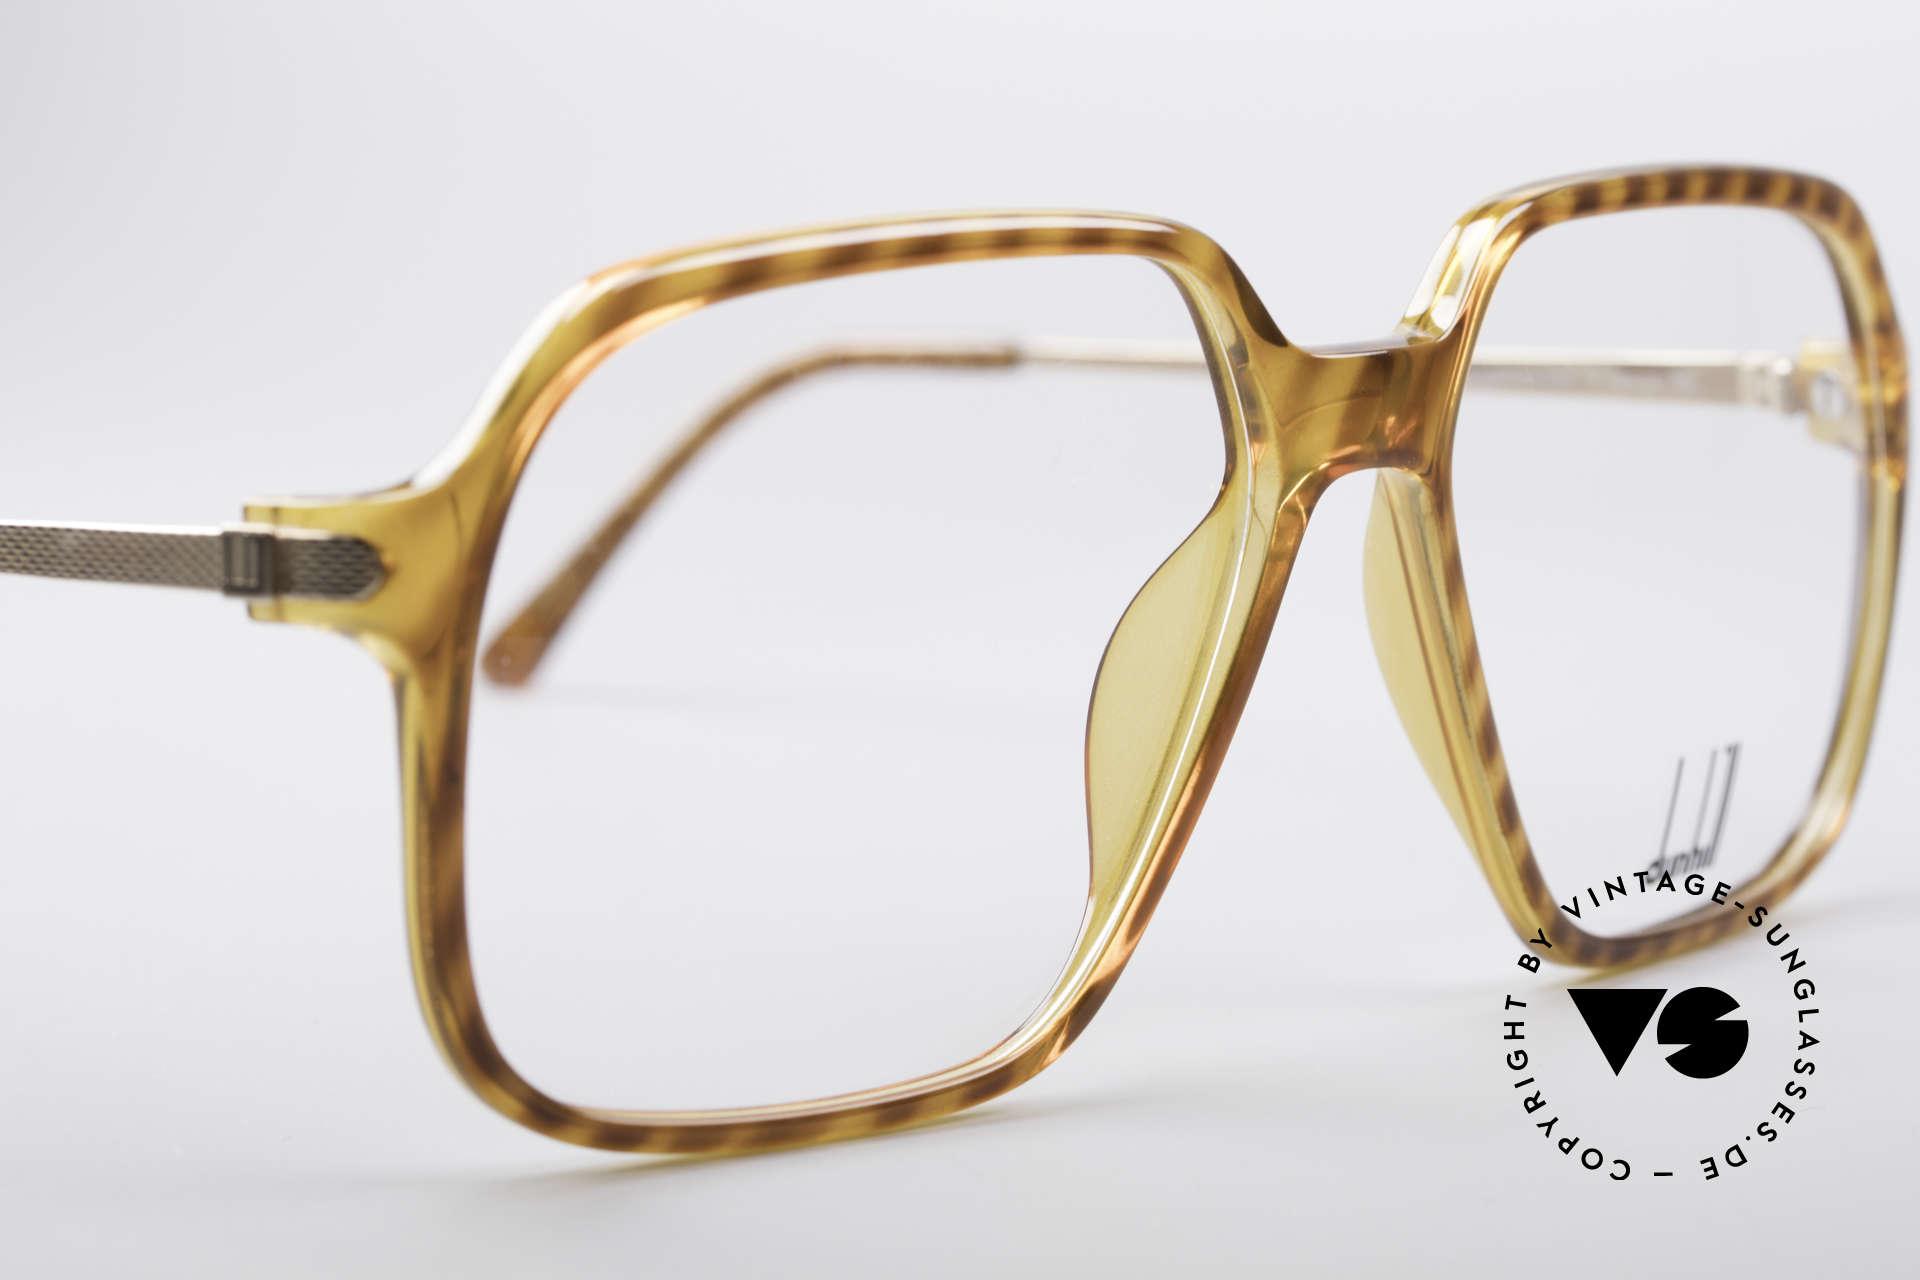 Dunhill 6108 Jay Z Hip Hop Vintage Frame, NO retro glasses, but a rare old original (true vintage), Made for Men